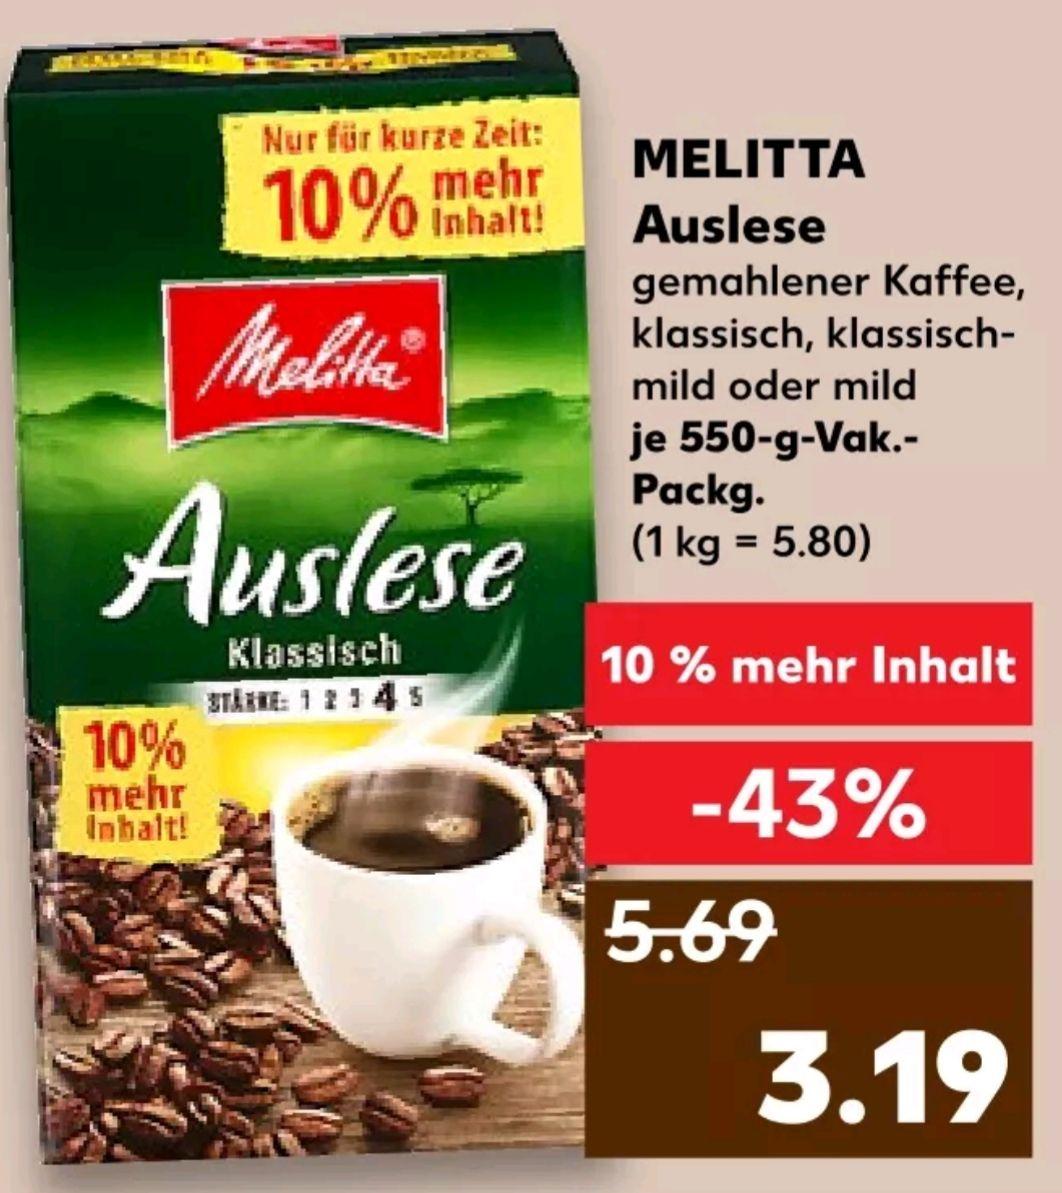 Kaufland Melitta Auslese Kaffee mit 10% Gratis Inhalt 550g